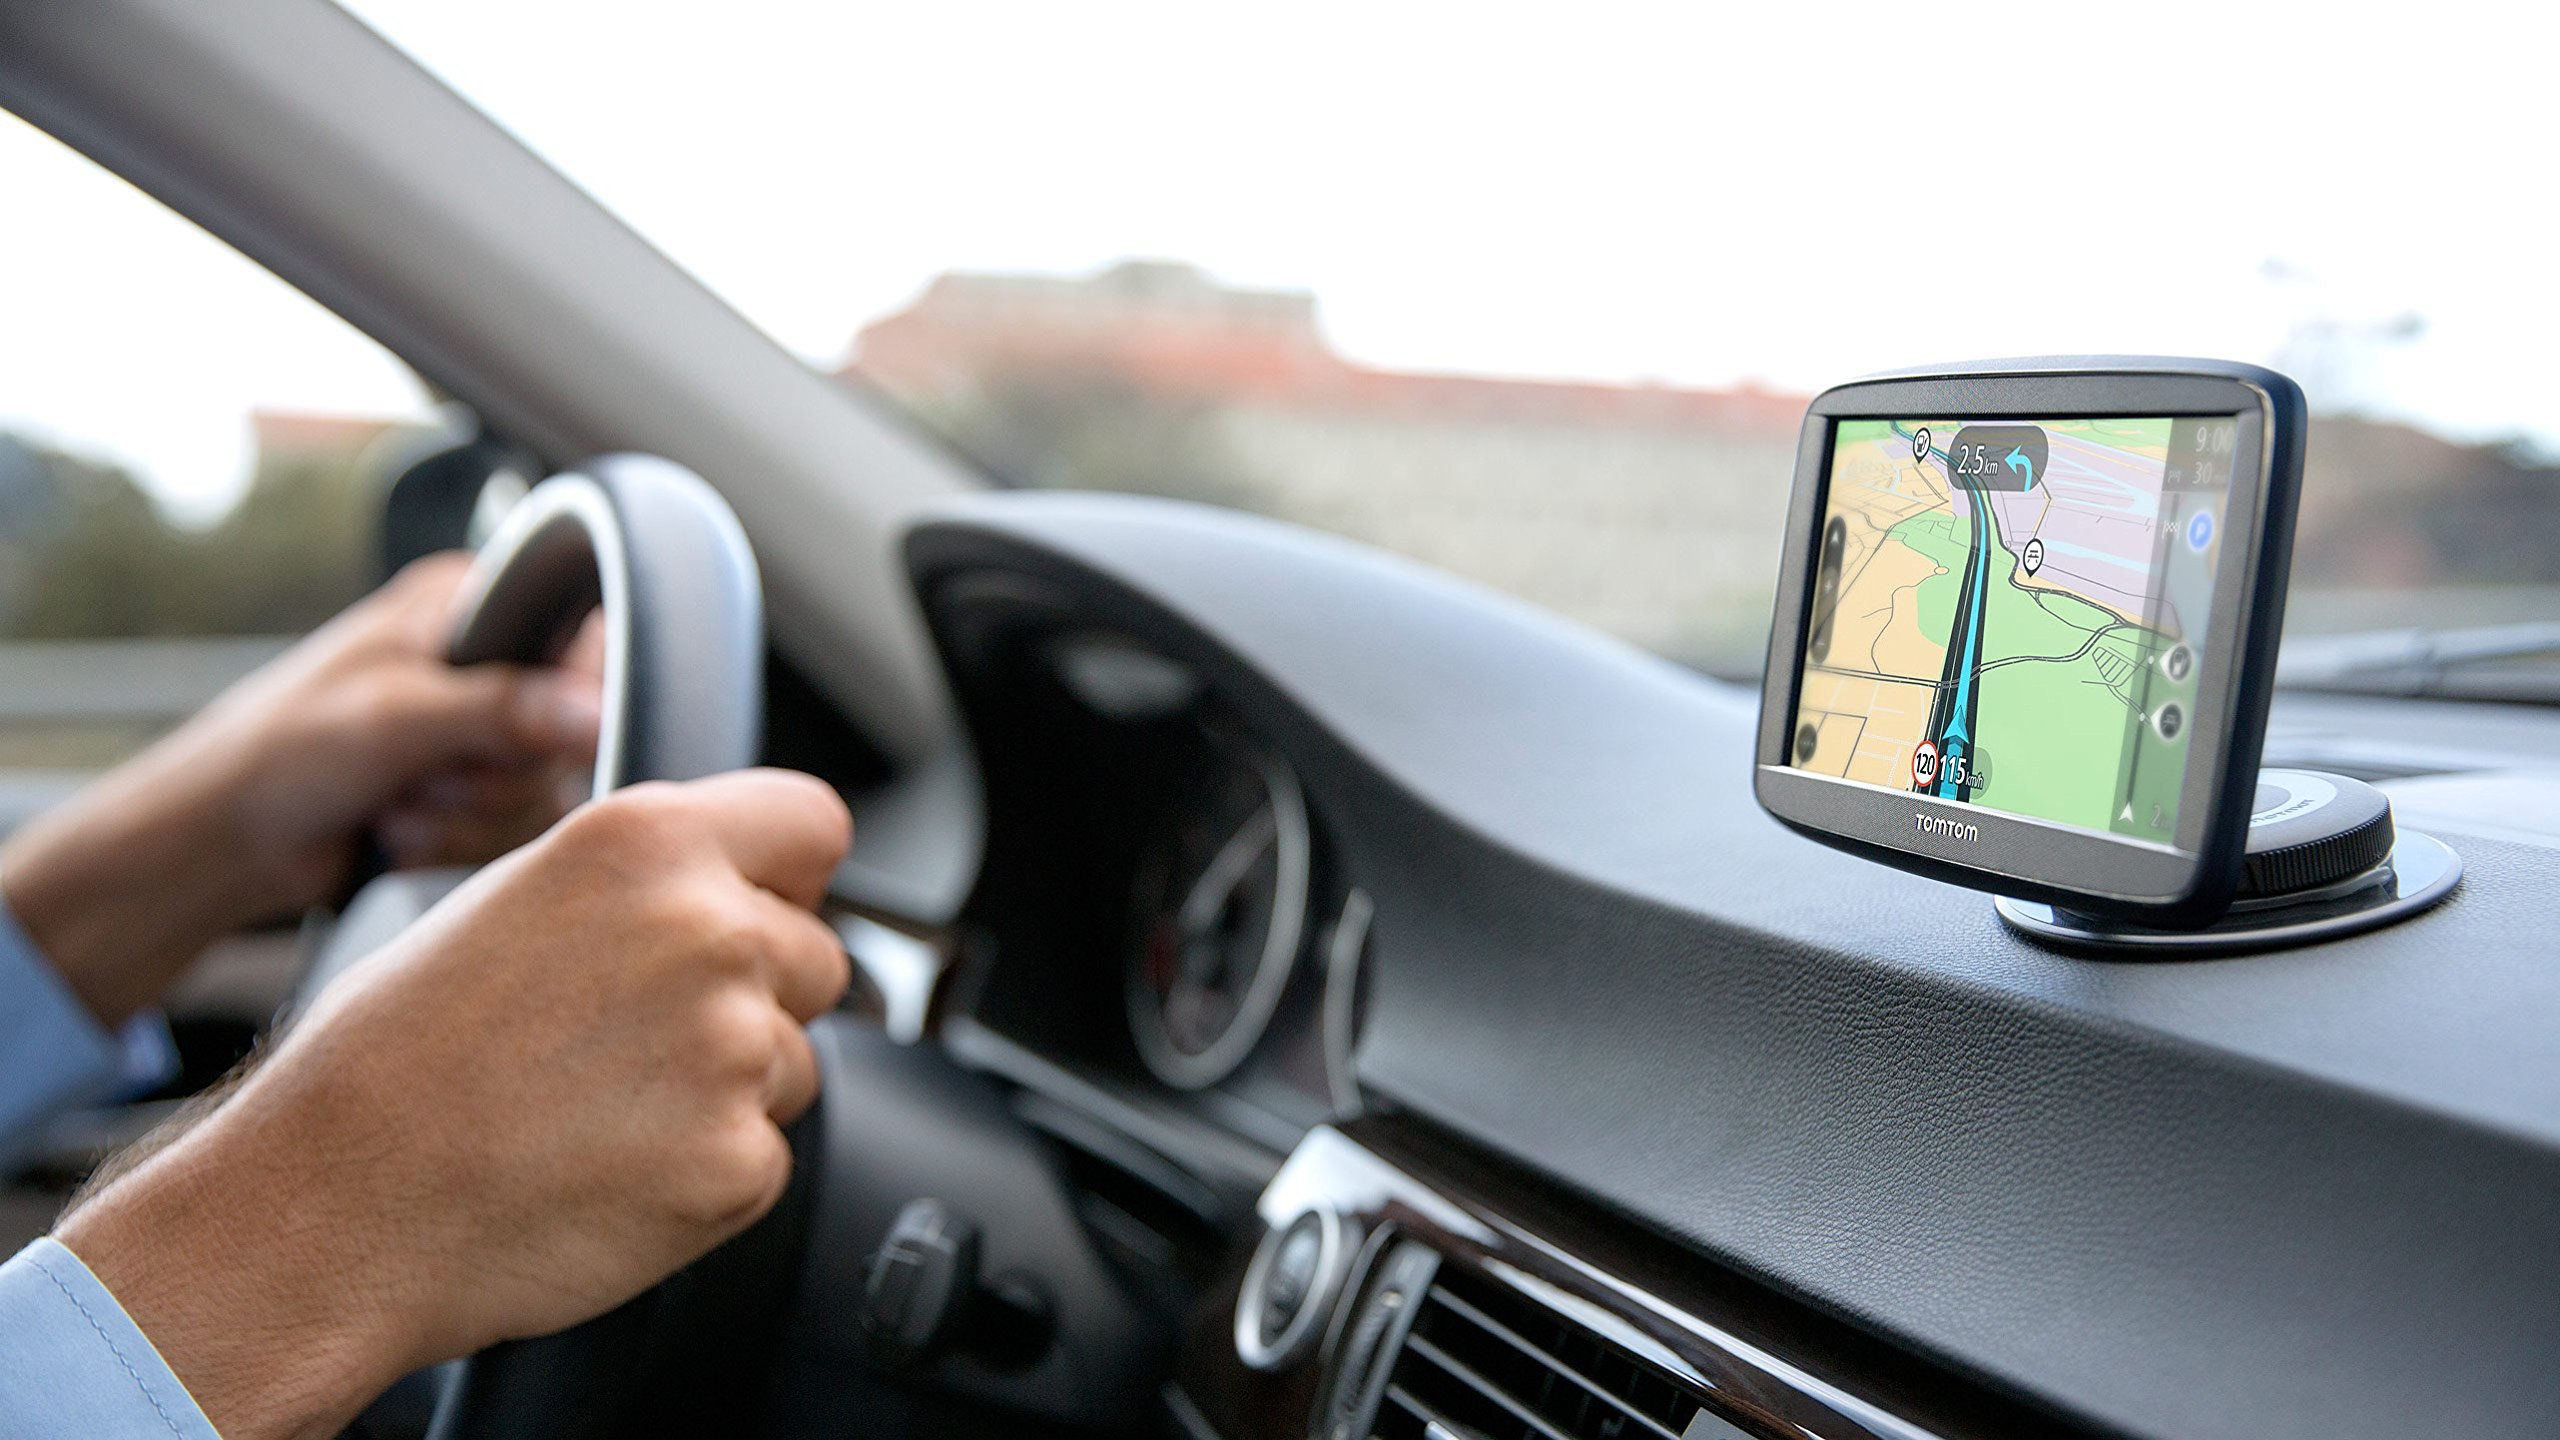 TomTom-Via-52-Europe-Traffic-Navigationsgert-Sprachsteuerung-Bluetooth-Freisprechen-Fahrspurassistent-3-Monate-Radarkameras-auf-Wunsch